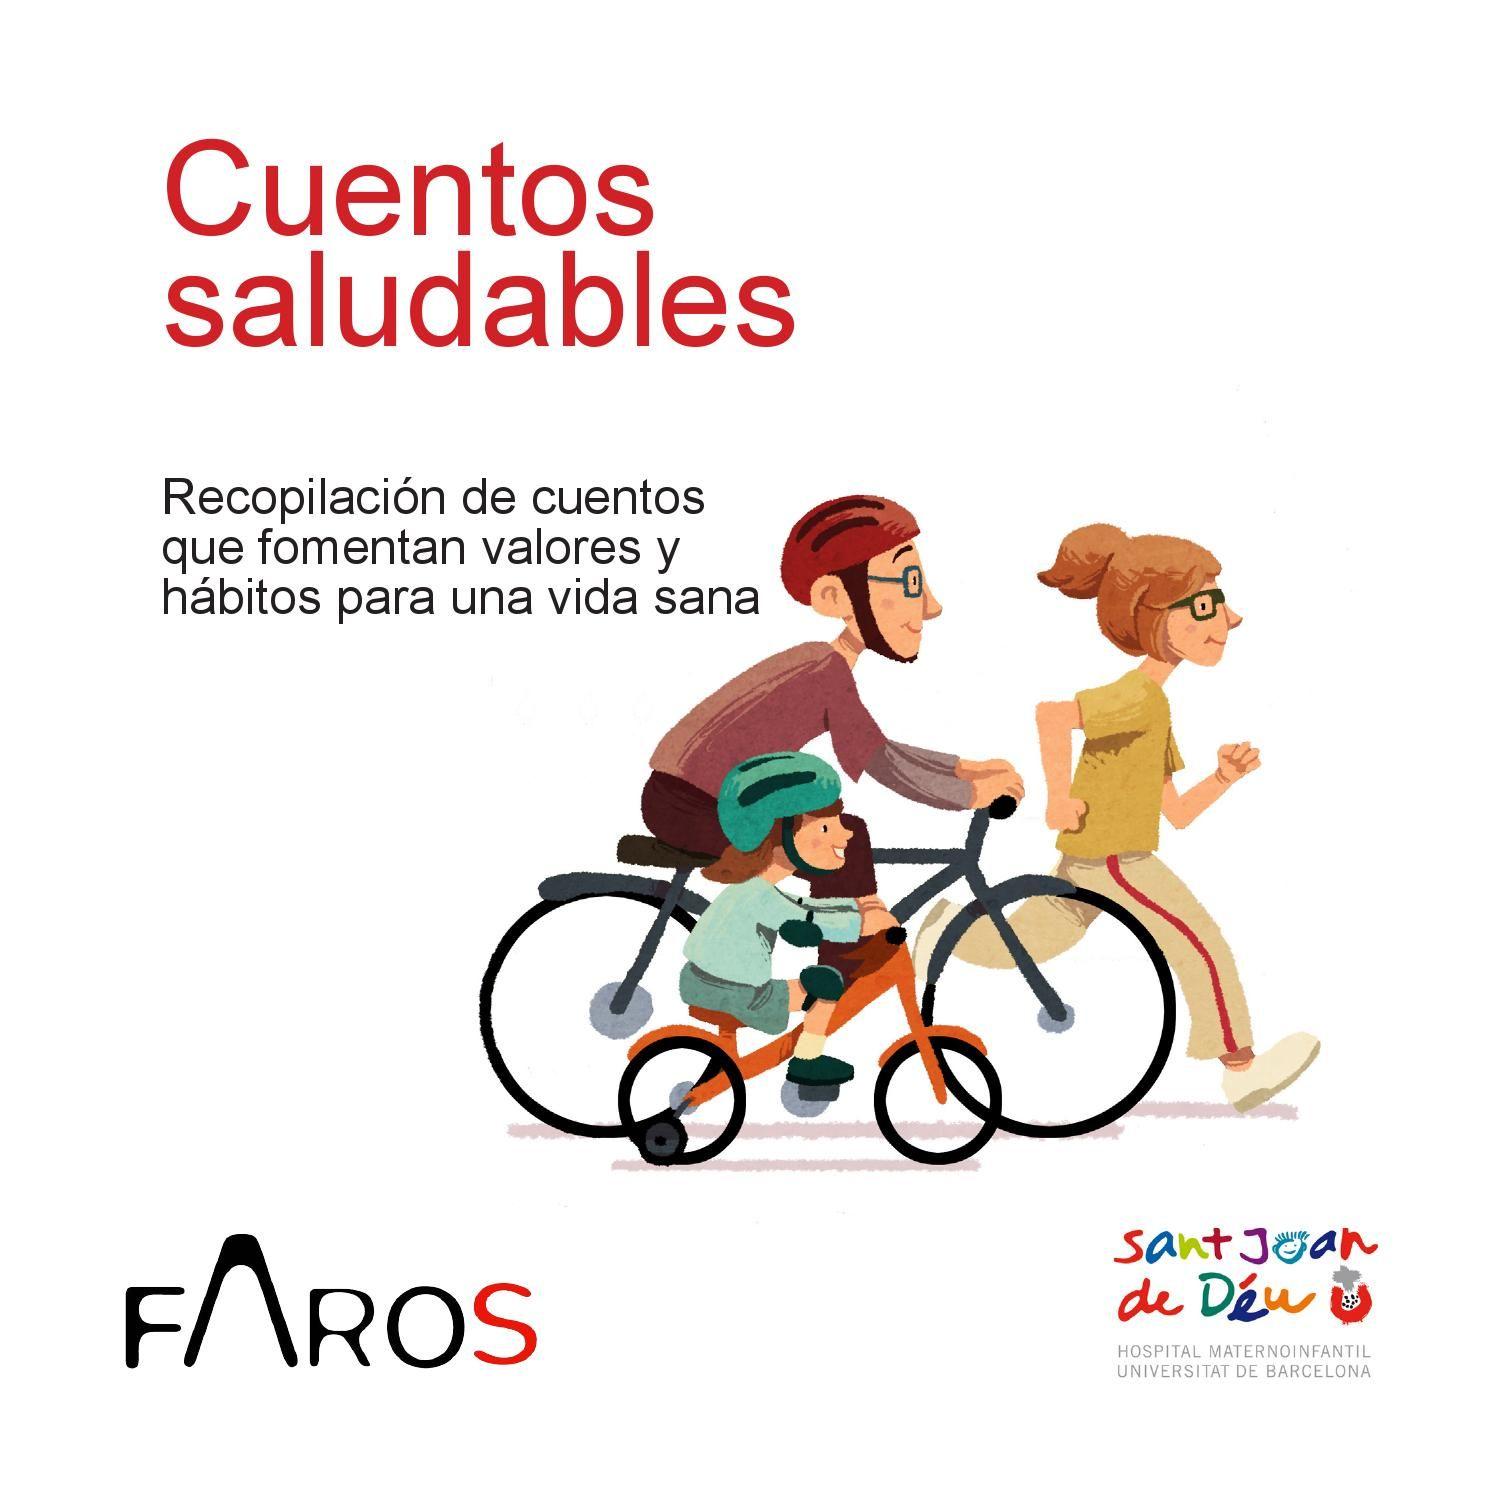 Cuentos Saludables Vida Saludable Para Niños Vida Sana Refuerzo Positivo Niños